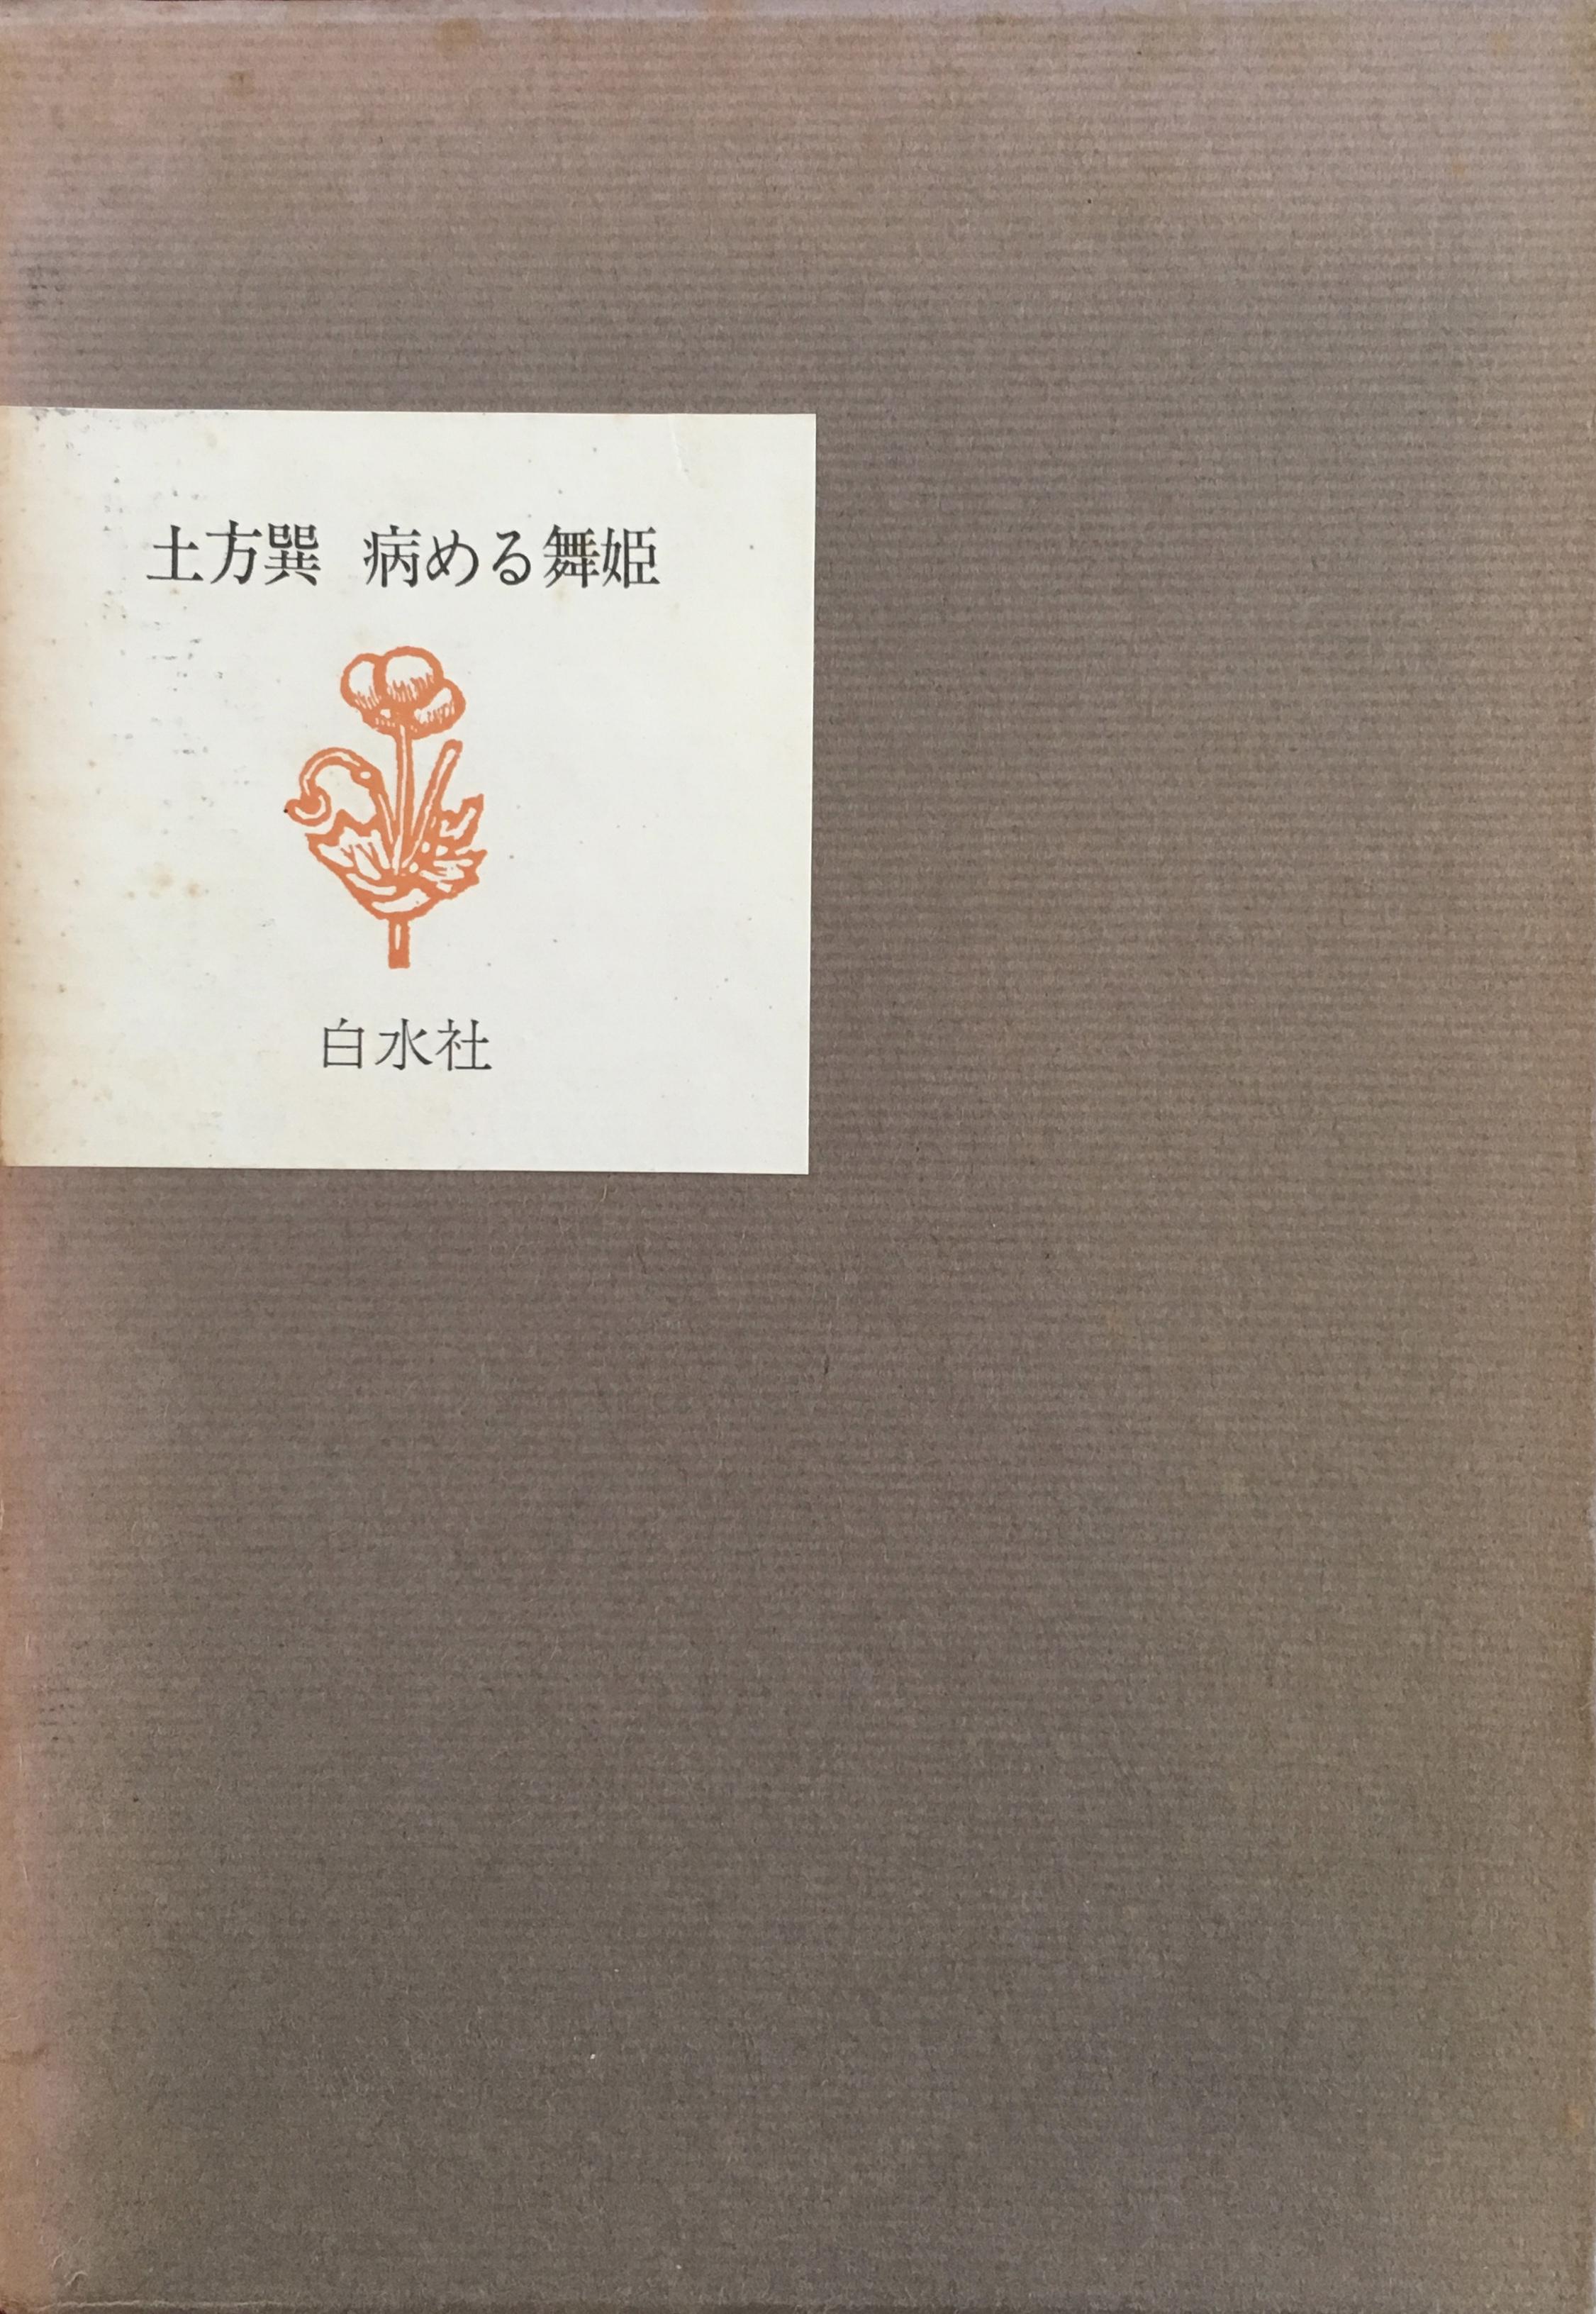 NLB17-002